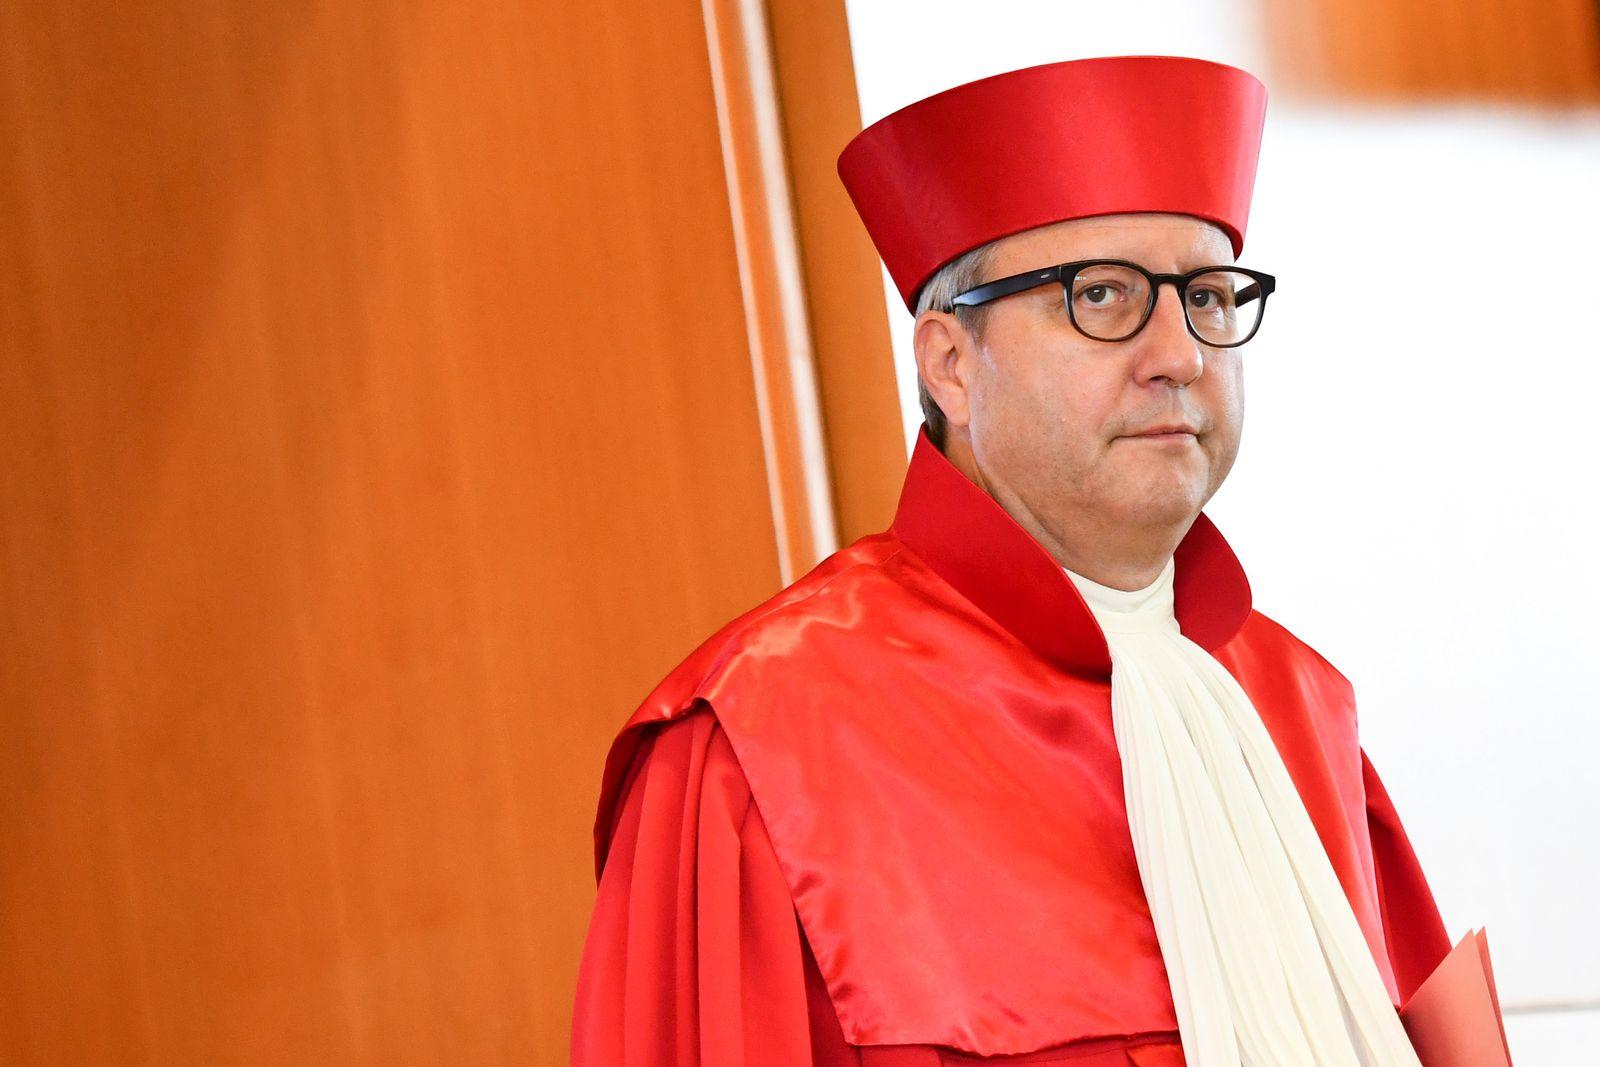 Bundesverfassungsgericht/ Andreas Voßkuhle